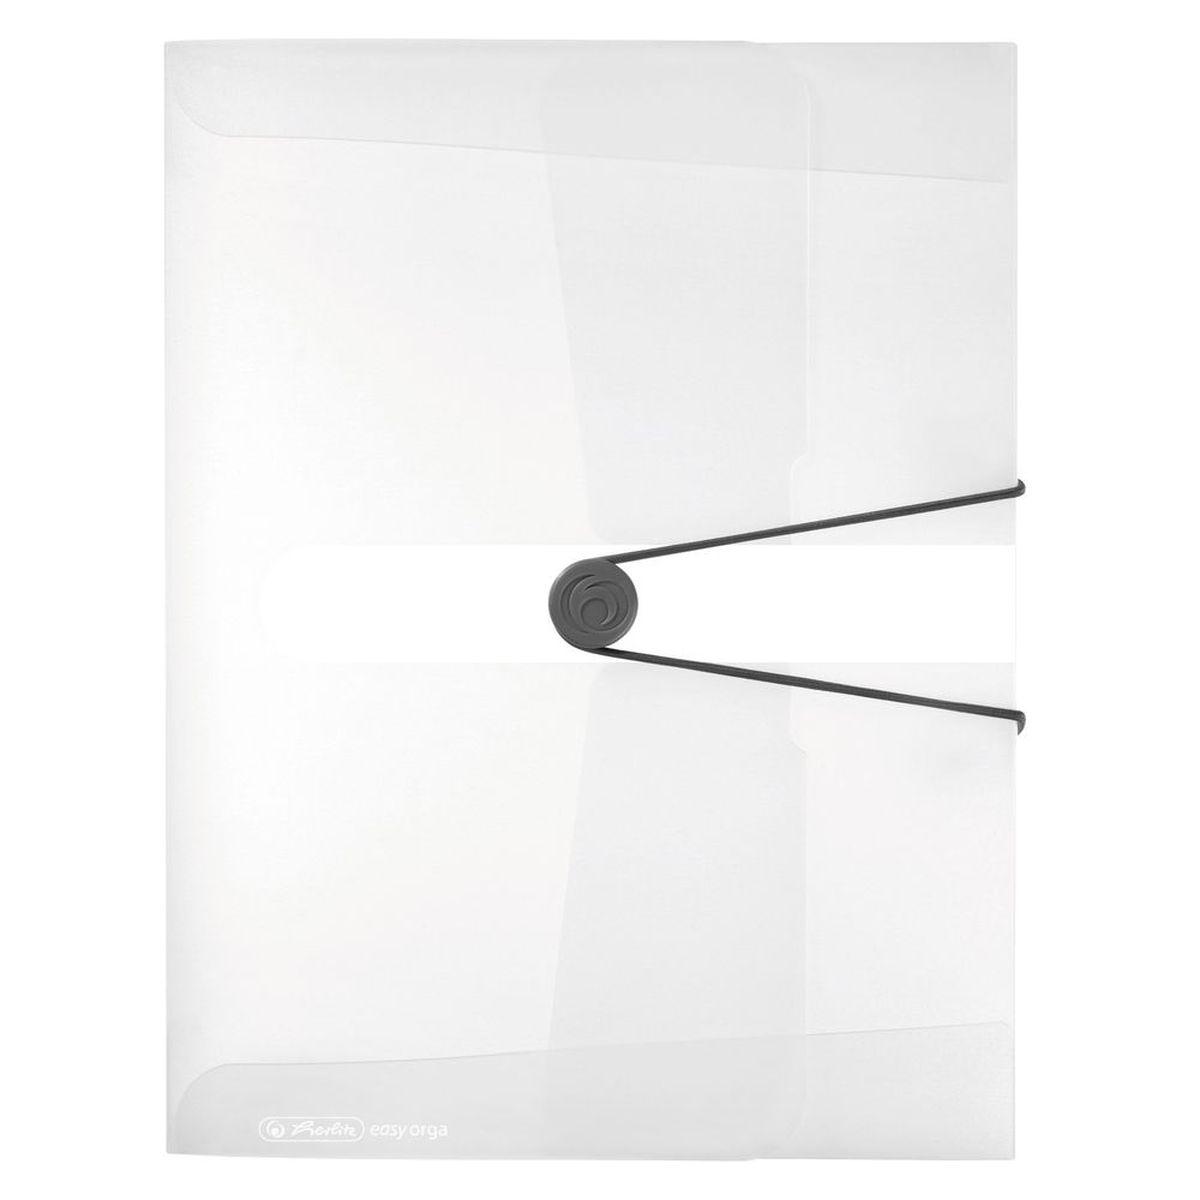 Herlitz Папка-конверт Easy orga to go цвет прозрачный11206174Папка-конверт Herlitz Easy orga to go станет вашим верным помощником дома и в офисе.Это удобный ифункциональный инструмент, предназначенный для хранения и транспортировки больших объемов рабочих бумаги документов формата А4. Папка изготовлена из износостойкого пластика и качественного полипропилена.Состоит из одного вместительного отделения. Закрывается папка при помощи резинки, а на корешке папки естьярлычок.Папка - это незаменимый атрибут для любого студента, школьника или офисного работника. Такаяпапка надежно сохранит ваши бумаги и сбережет их от повреждений, пыли и влаги.